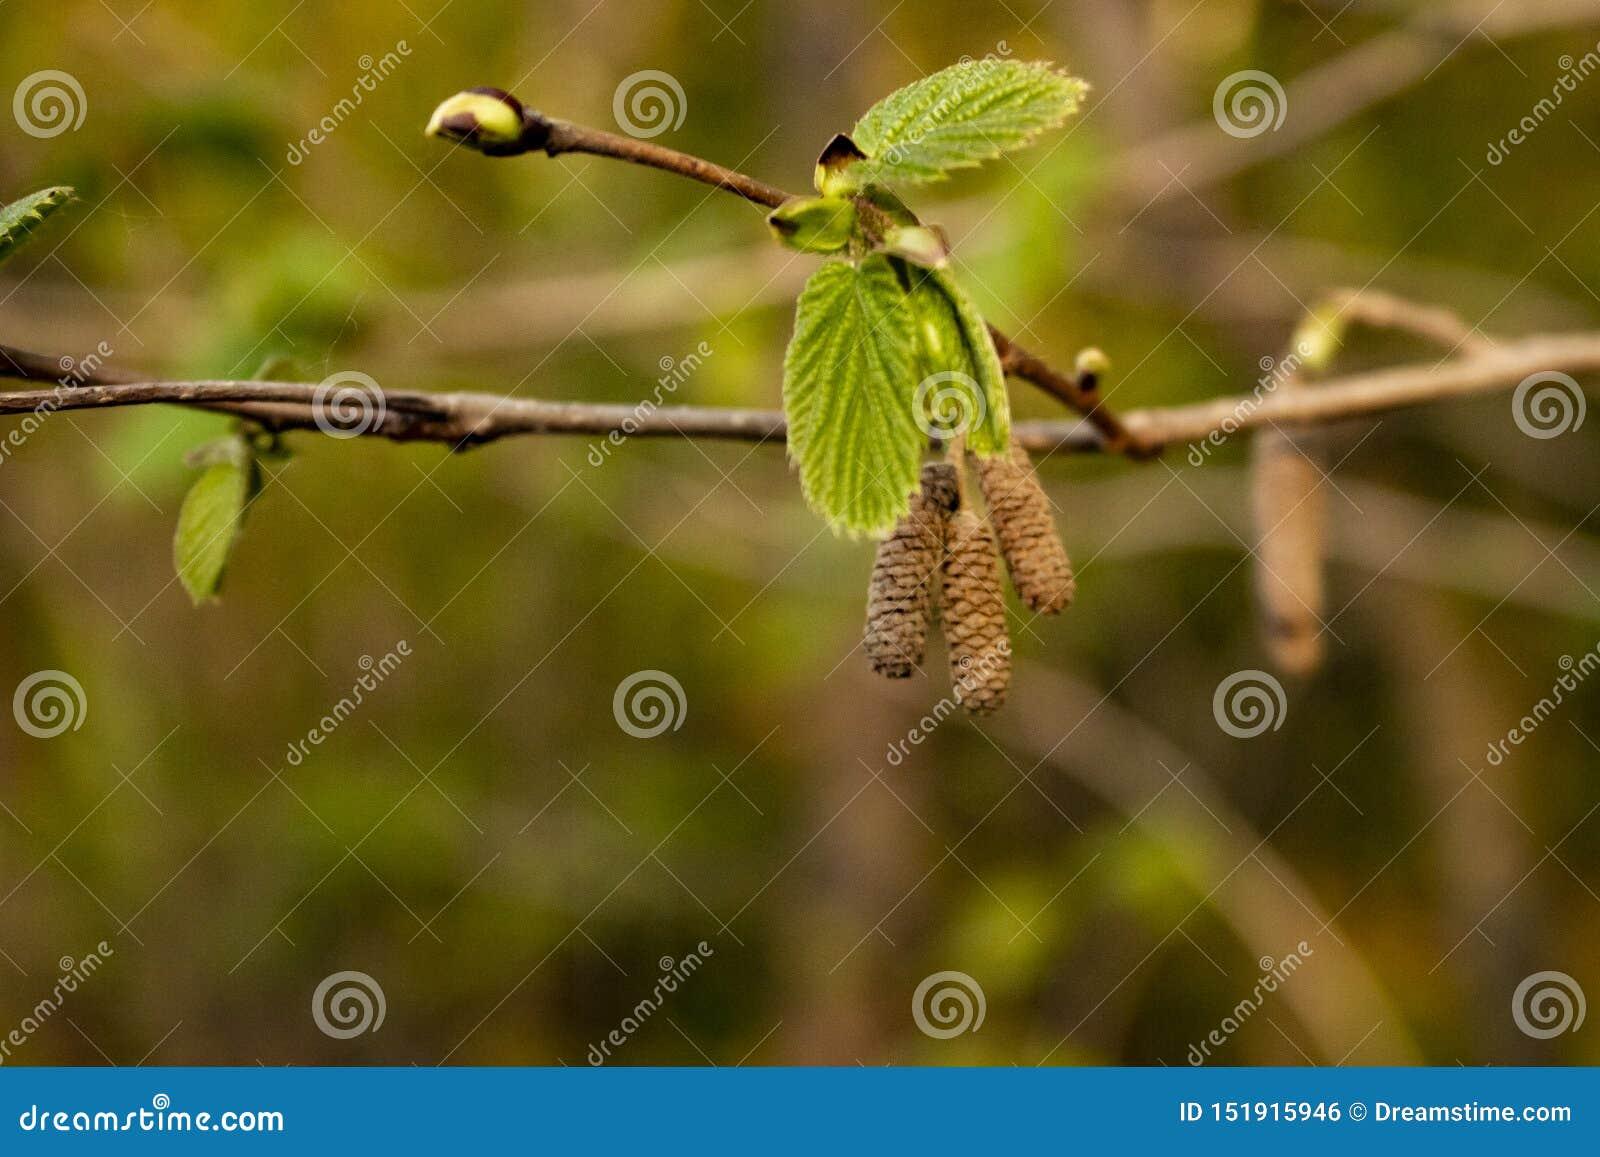 Branche d aulne avec des bourgeons, de jeunes feuilles et des boucles d oreille